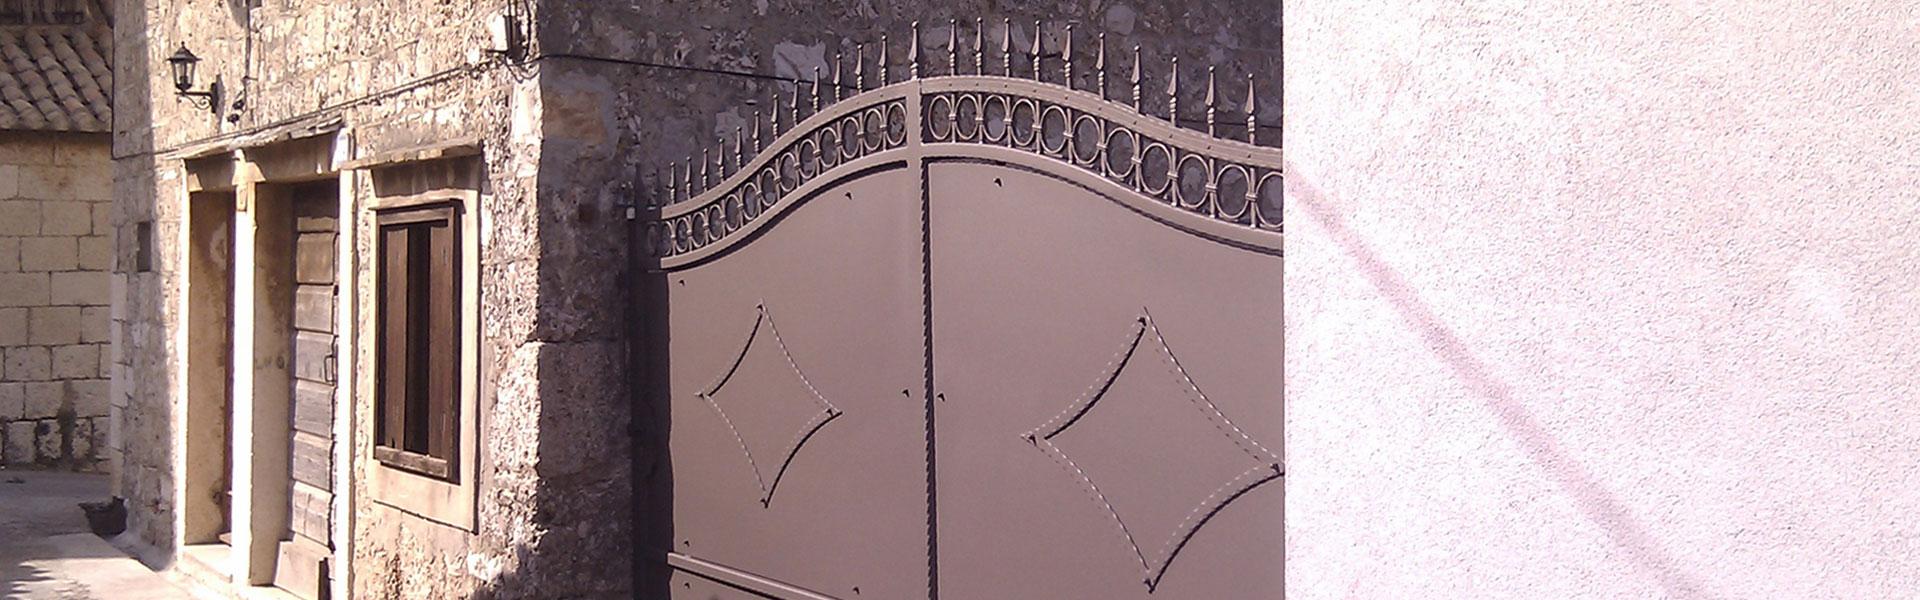 Dekorativni limovi